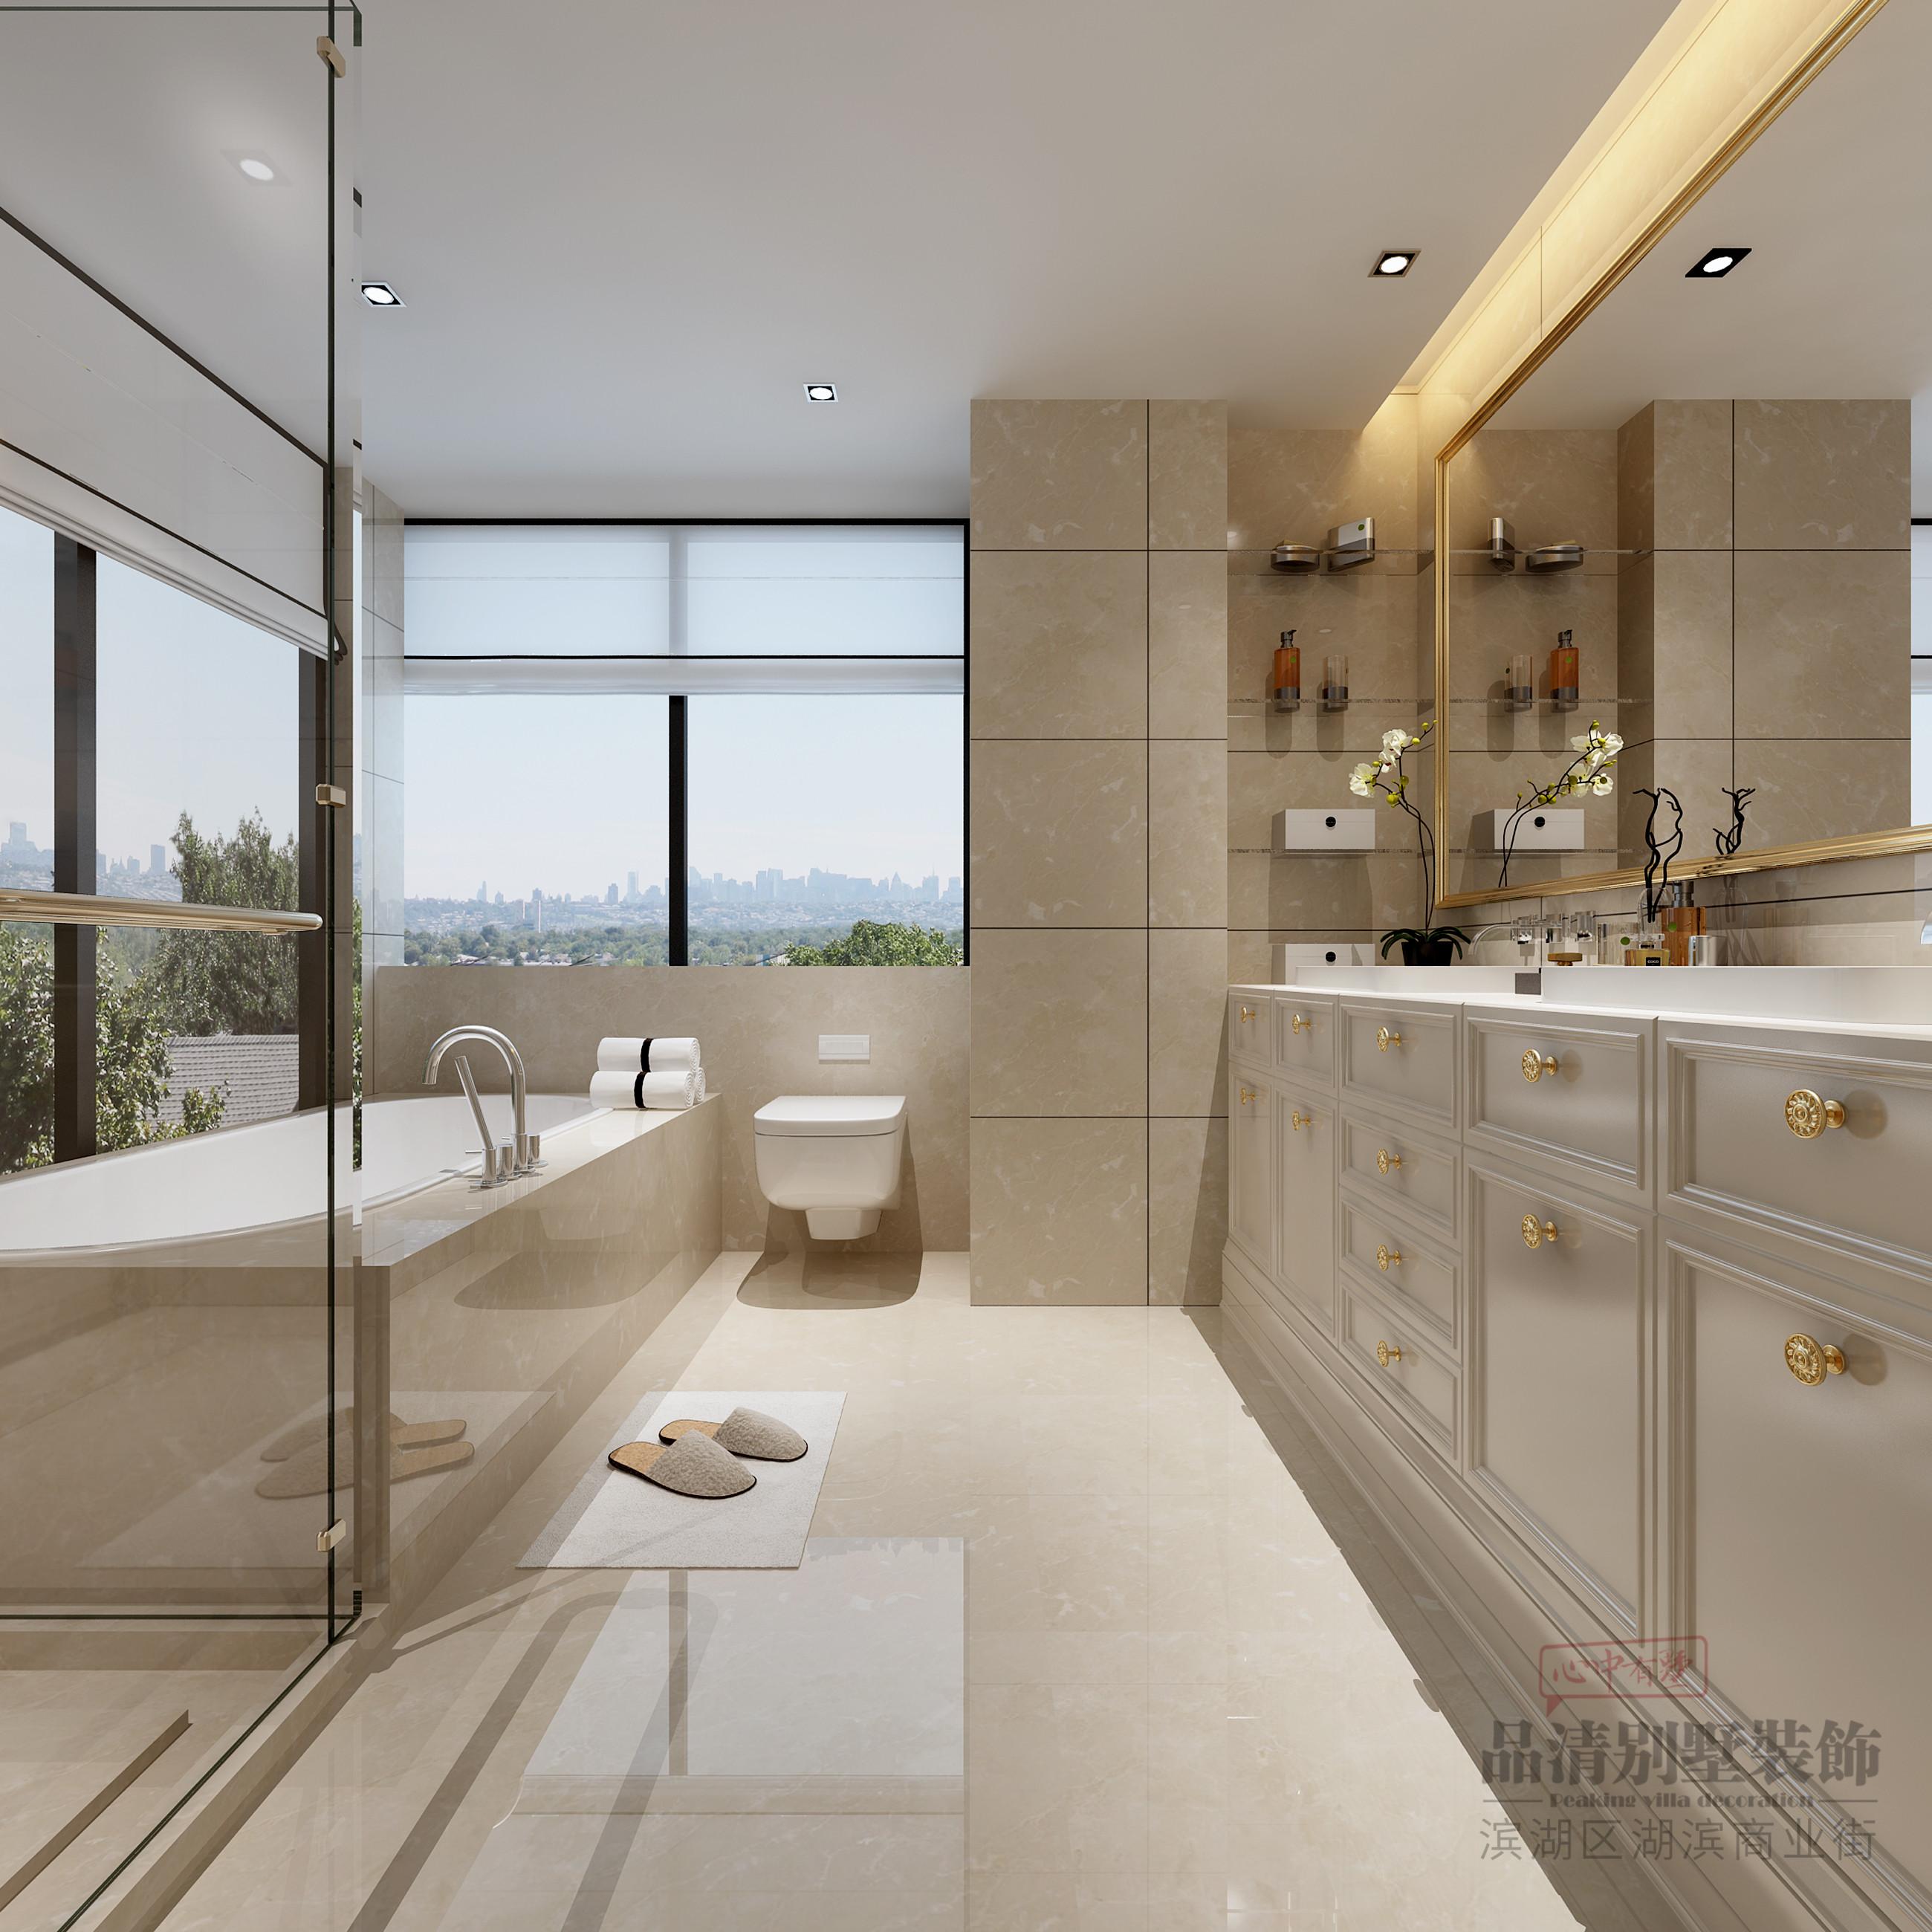 欧式 别墅 客厅 卧室 厨房 餐厅图片来自别墅装修设计师在奥林匹克540㎡简欧风的分享